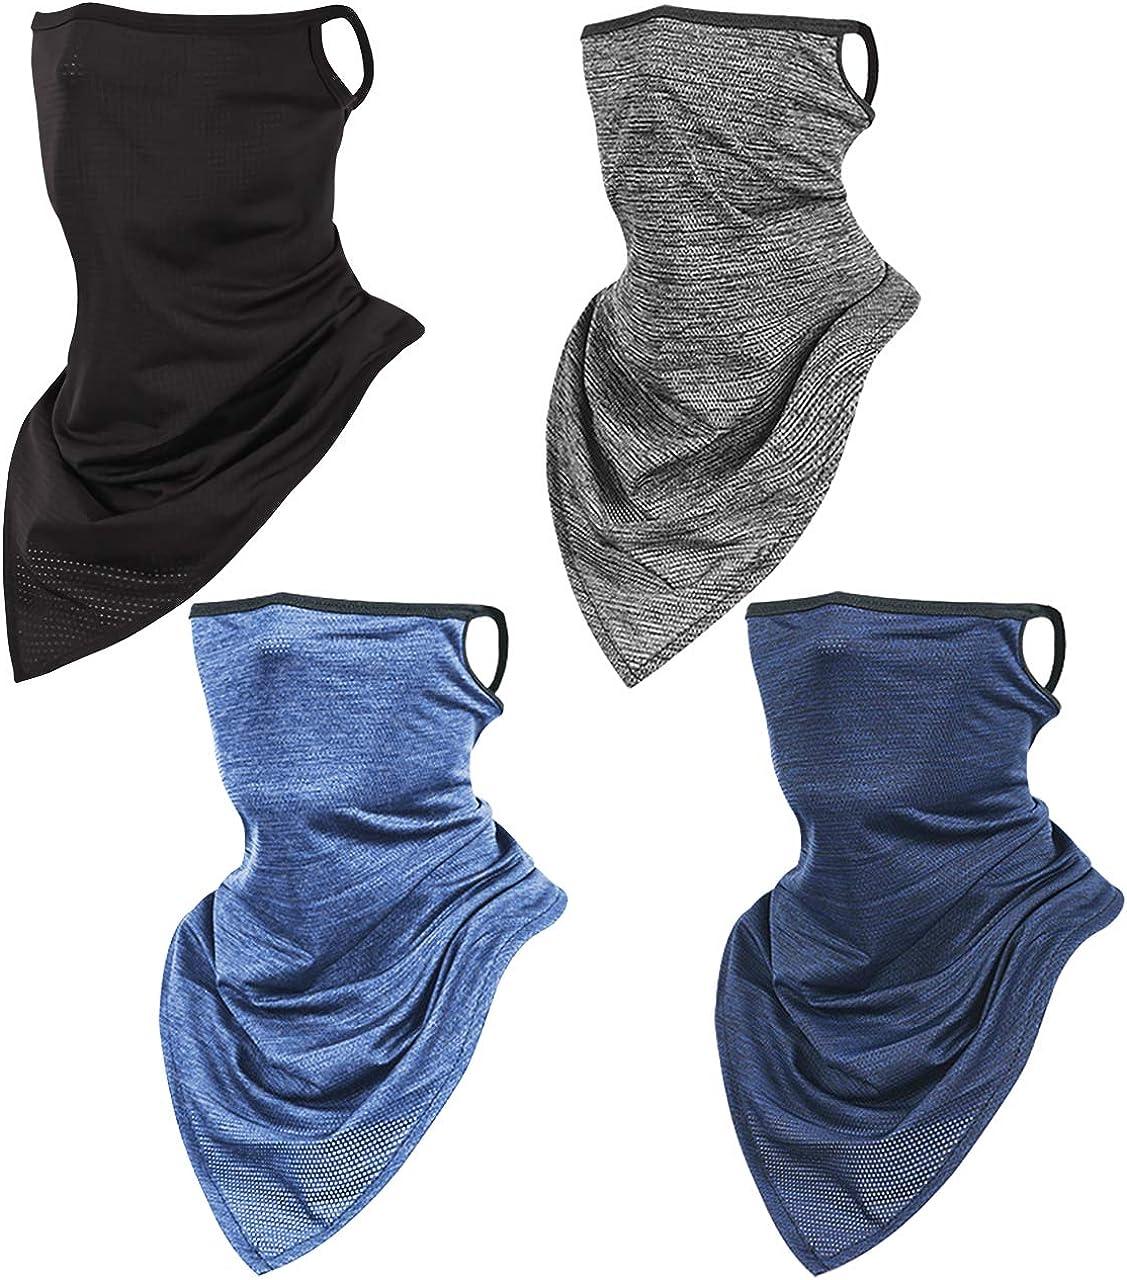 Unisex Sun Scarf UV Protection Bandana Neck Gaiter, Reusable Face Cover Balaclava